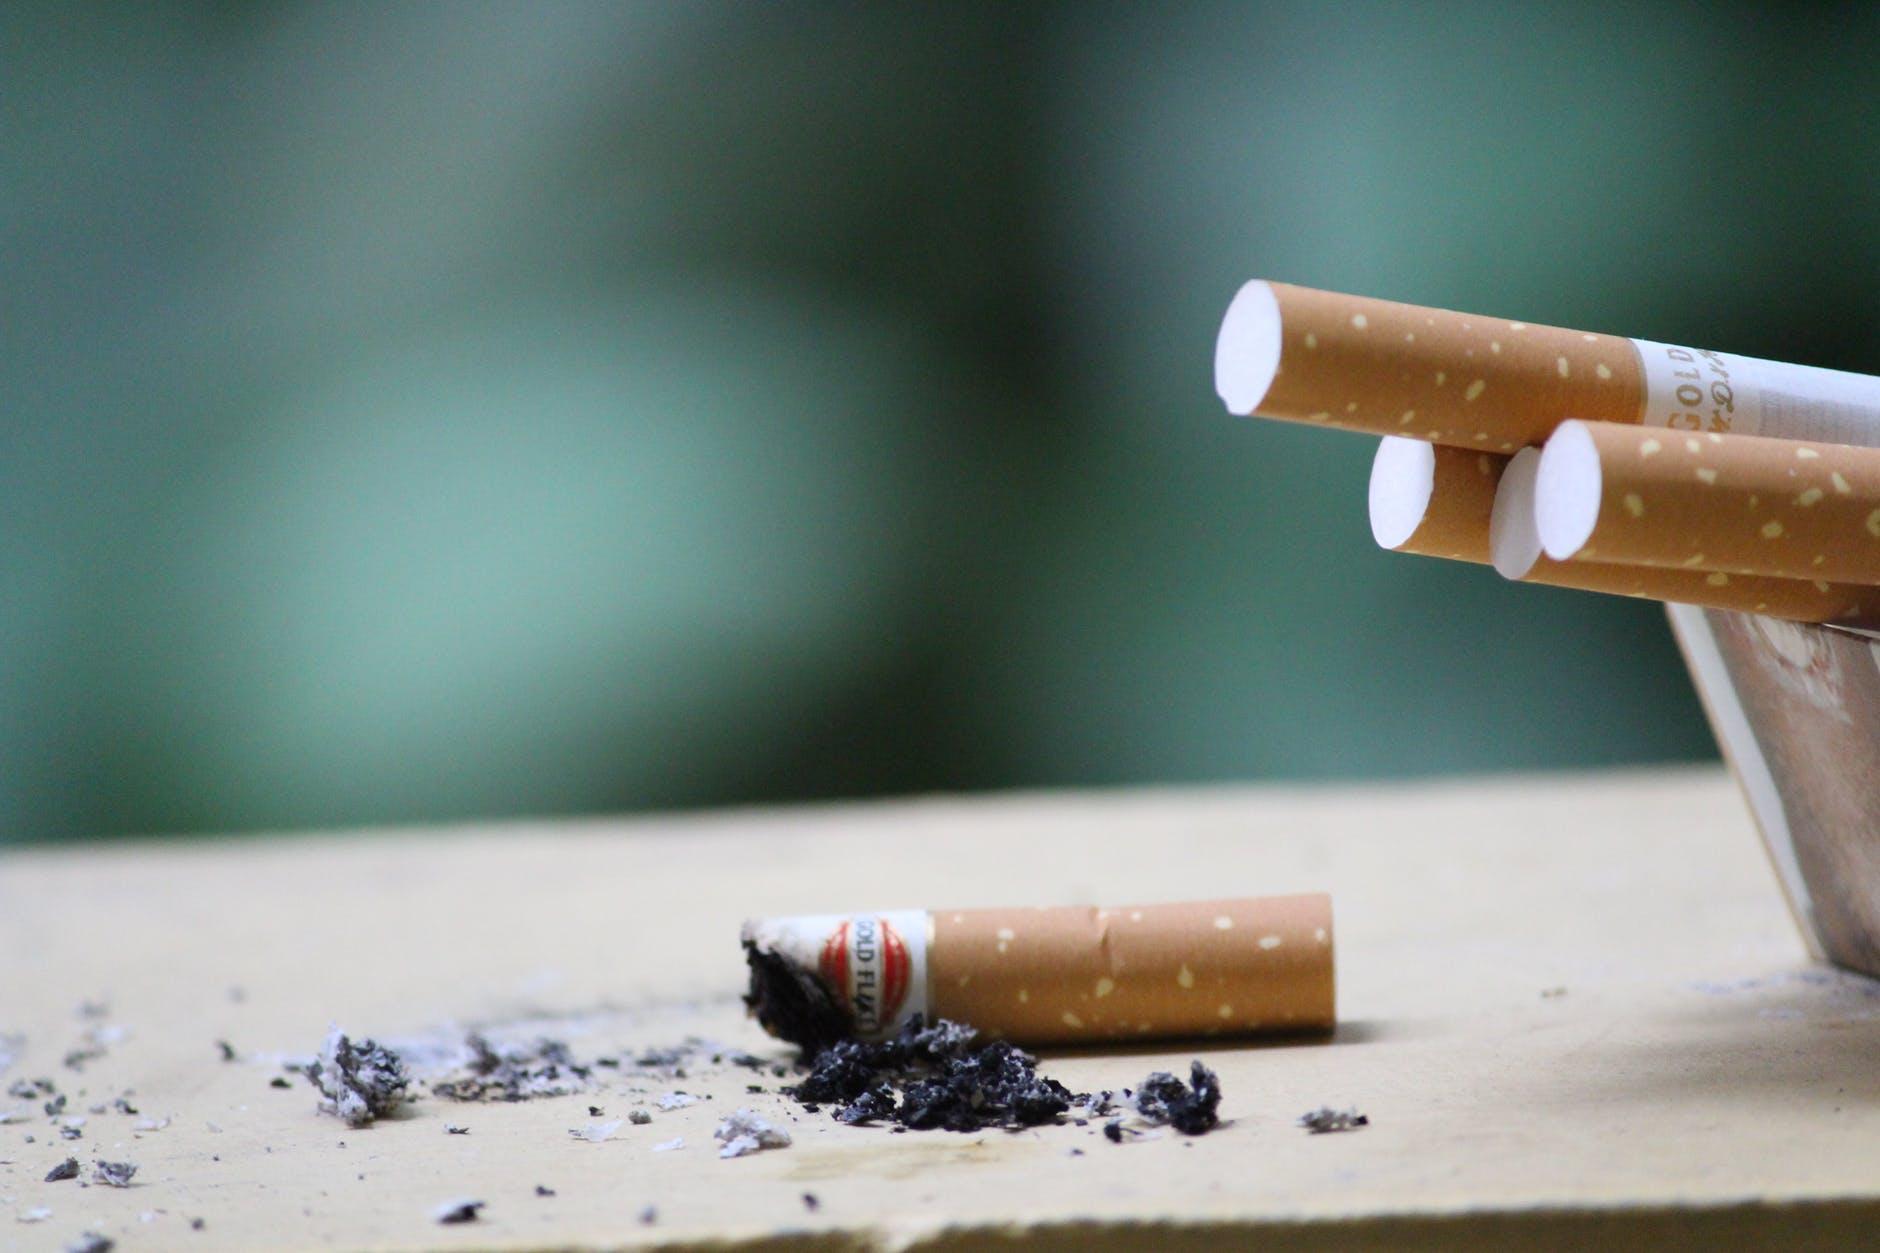 Rosina pakāpeniski paaugstināt akcīzes nodokli tabakas izstrādājumiem